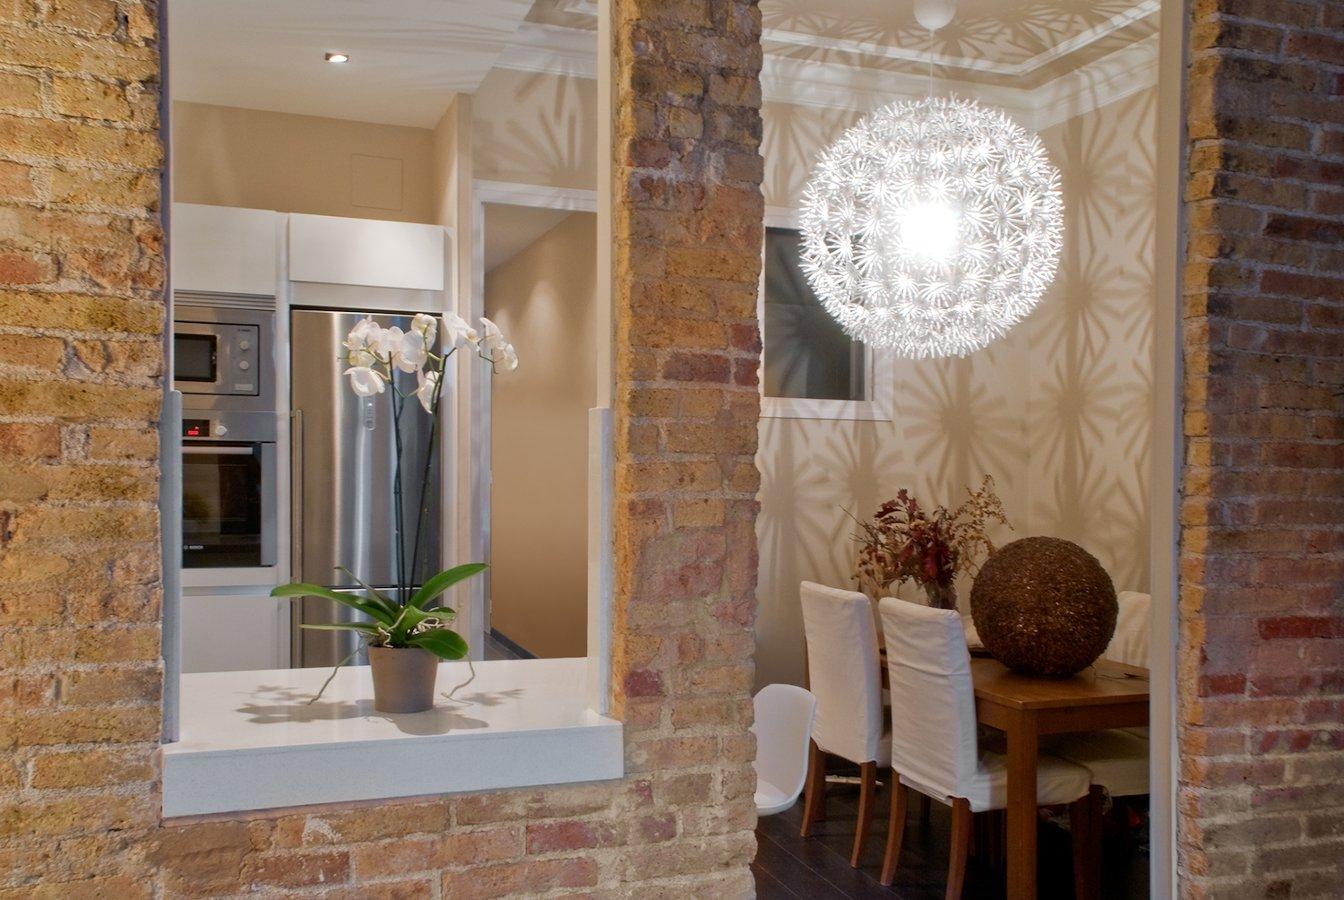 Foto rehabilitaci n de viviendas en fincas antiguas de torres estudio arquitectura interior Rehabilitacion de casas antiguas